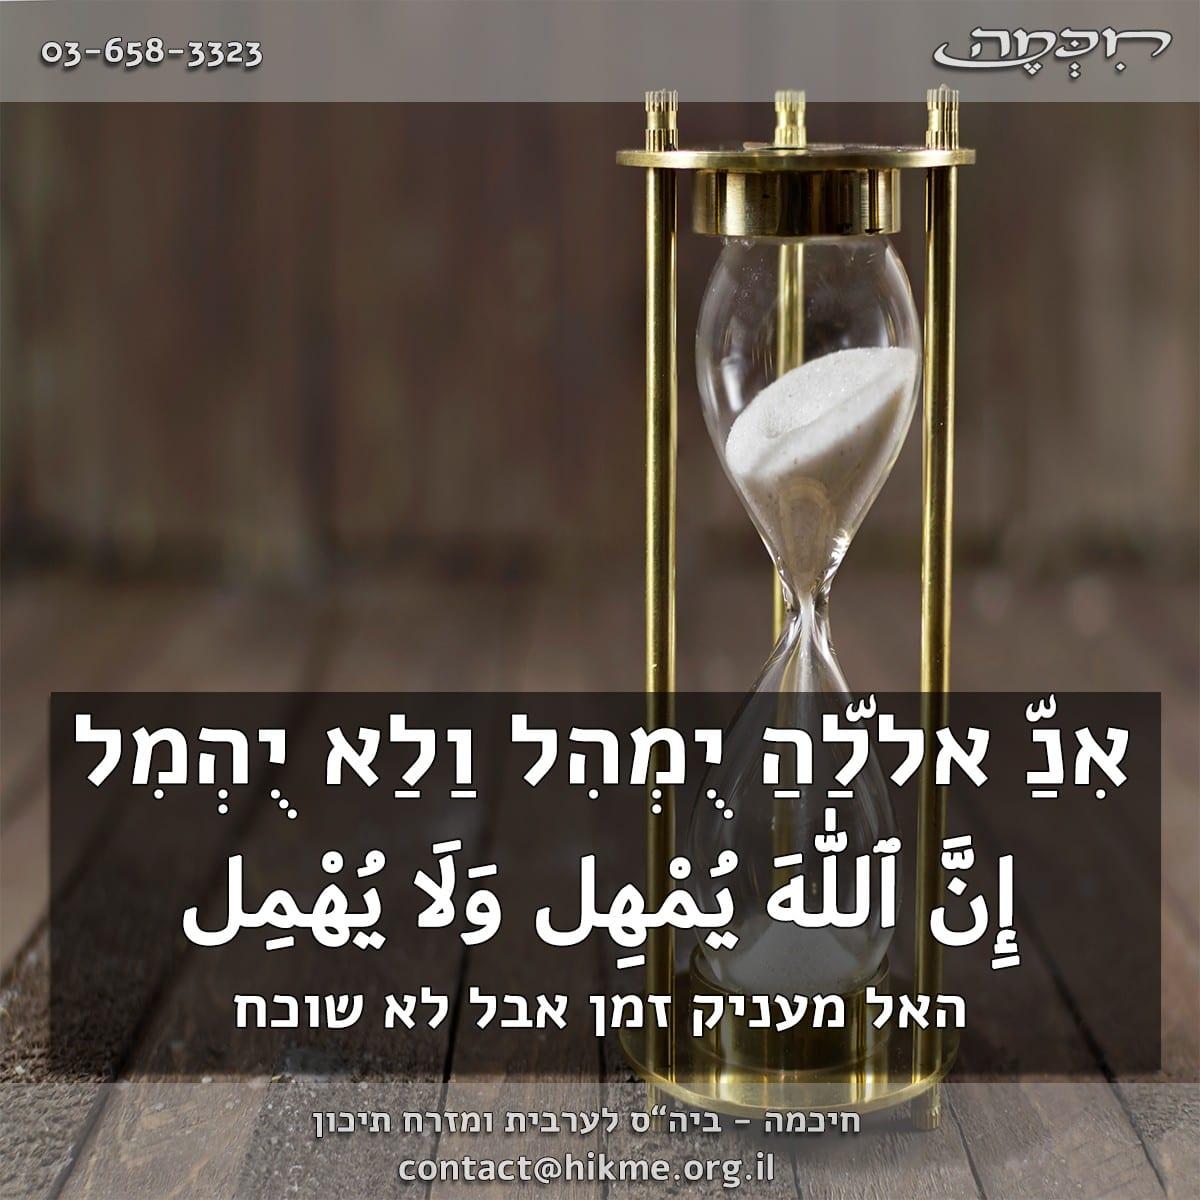 אנ-אללה-יהמל-ולא-יהמל פתגמים משלים וביטויים בערבית מדוברת וערבית ספרותית